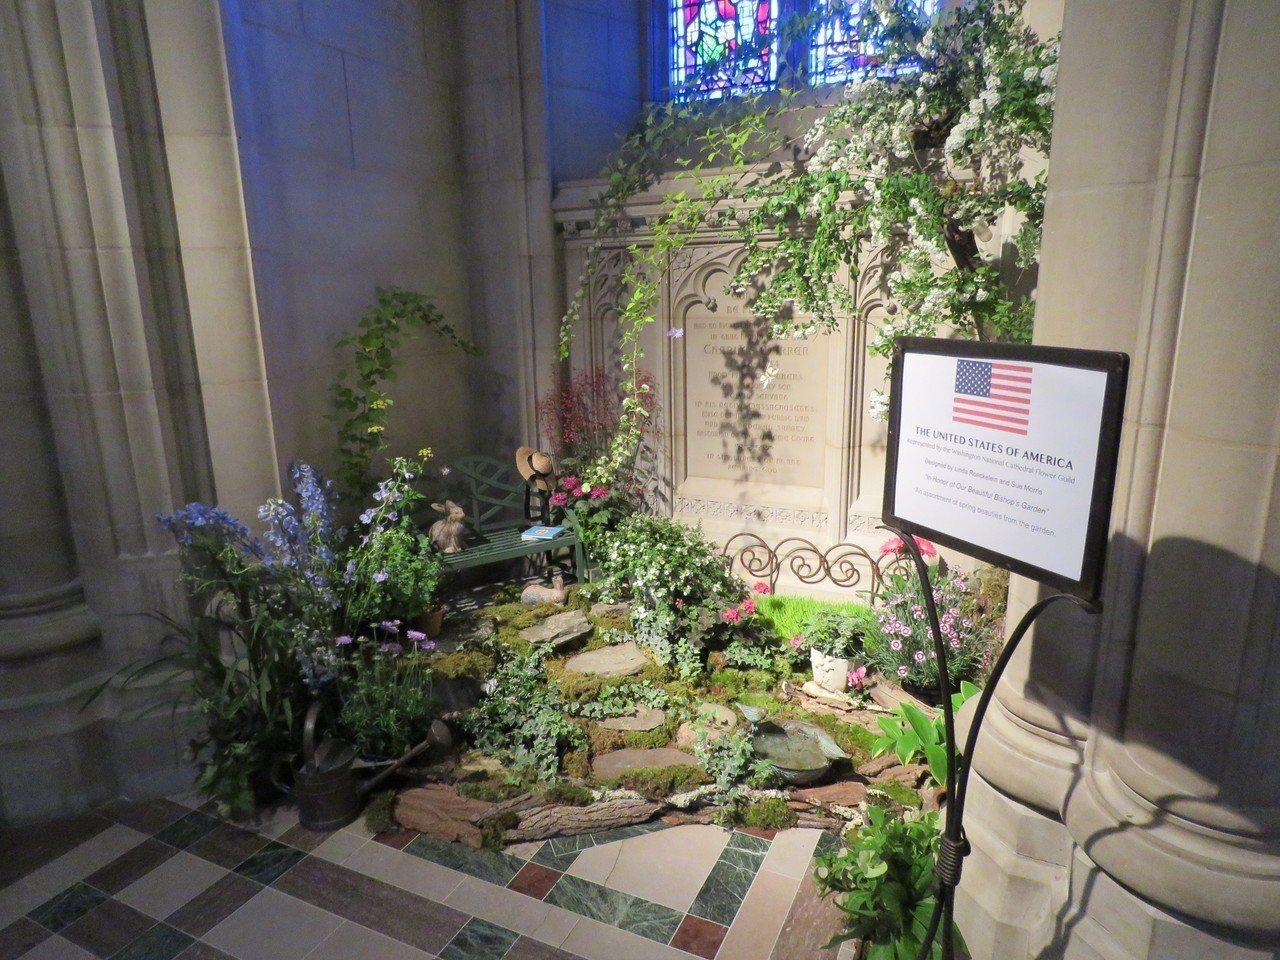 華府國家大教堂3日至4日舉辦花市活動,多國參加其中的國際花卉展。圖為美國參展作品...